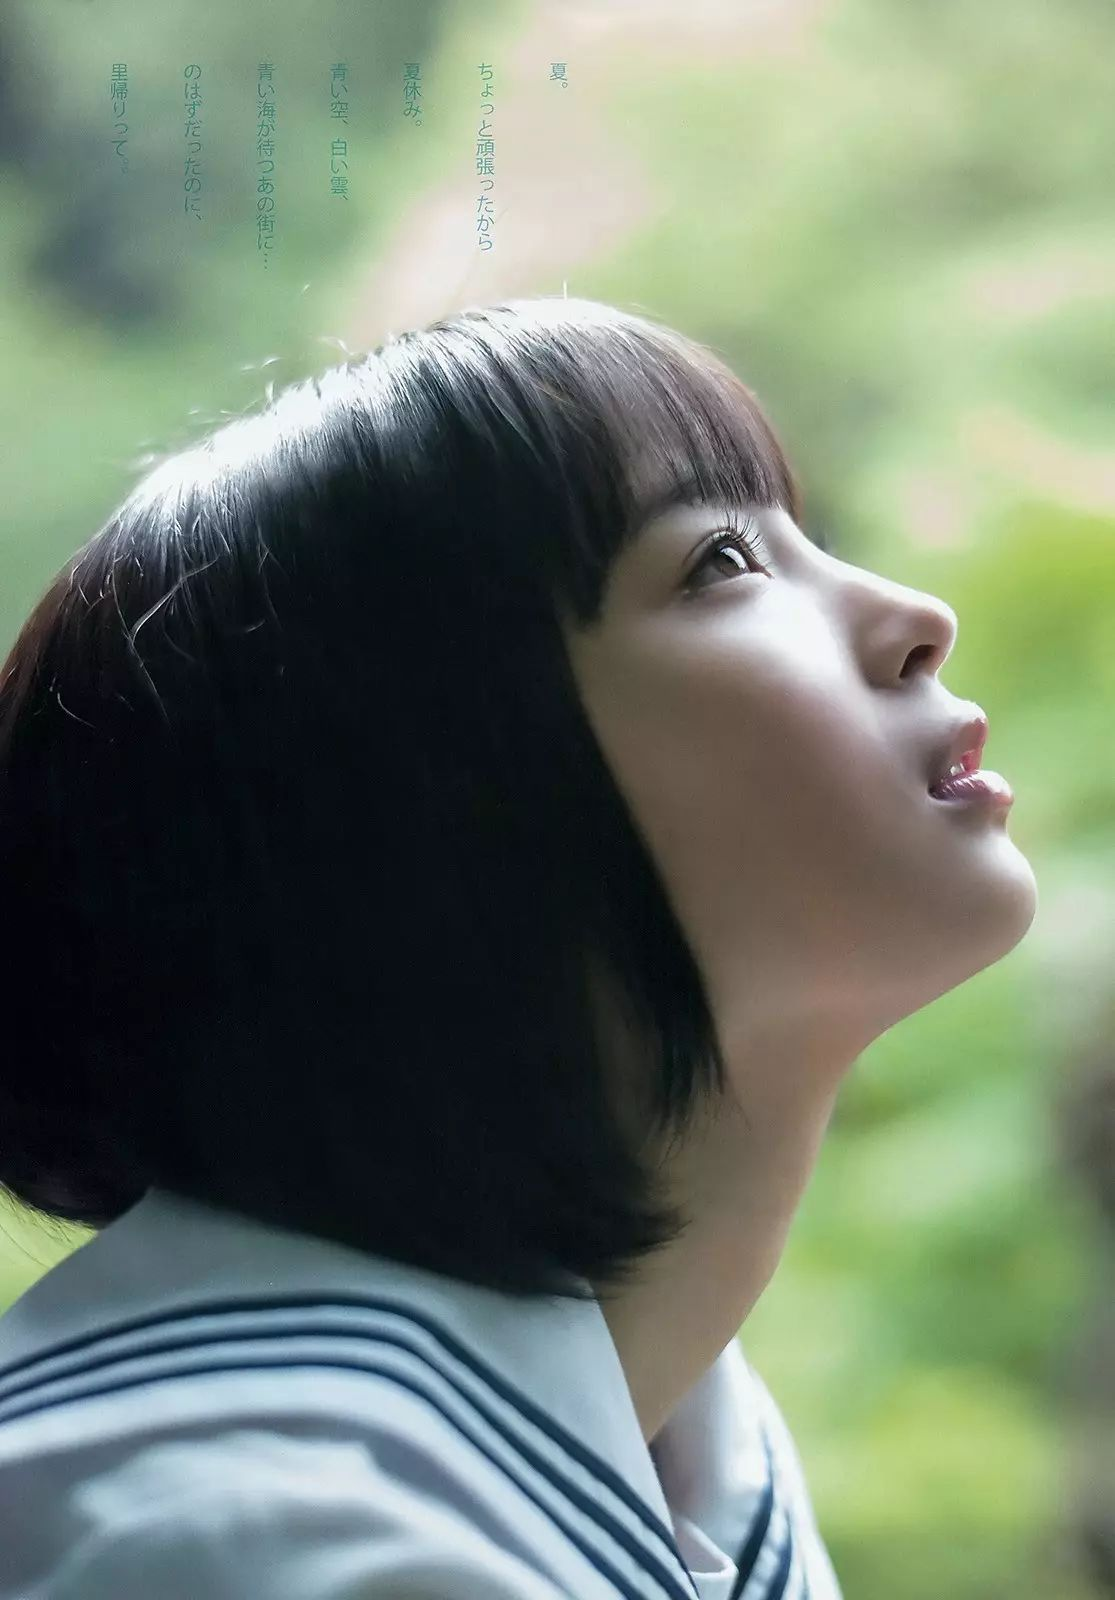 20神颜美少女却黑历史比较多的广濑丝丝写真作品 (49)